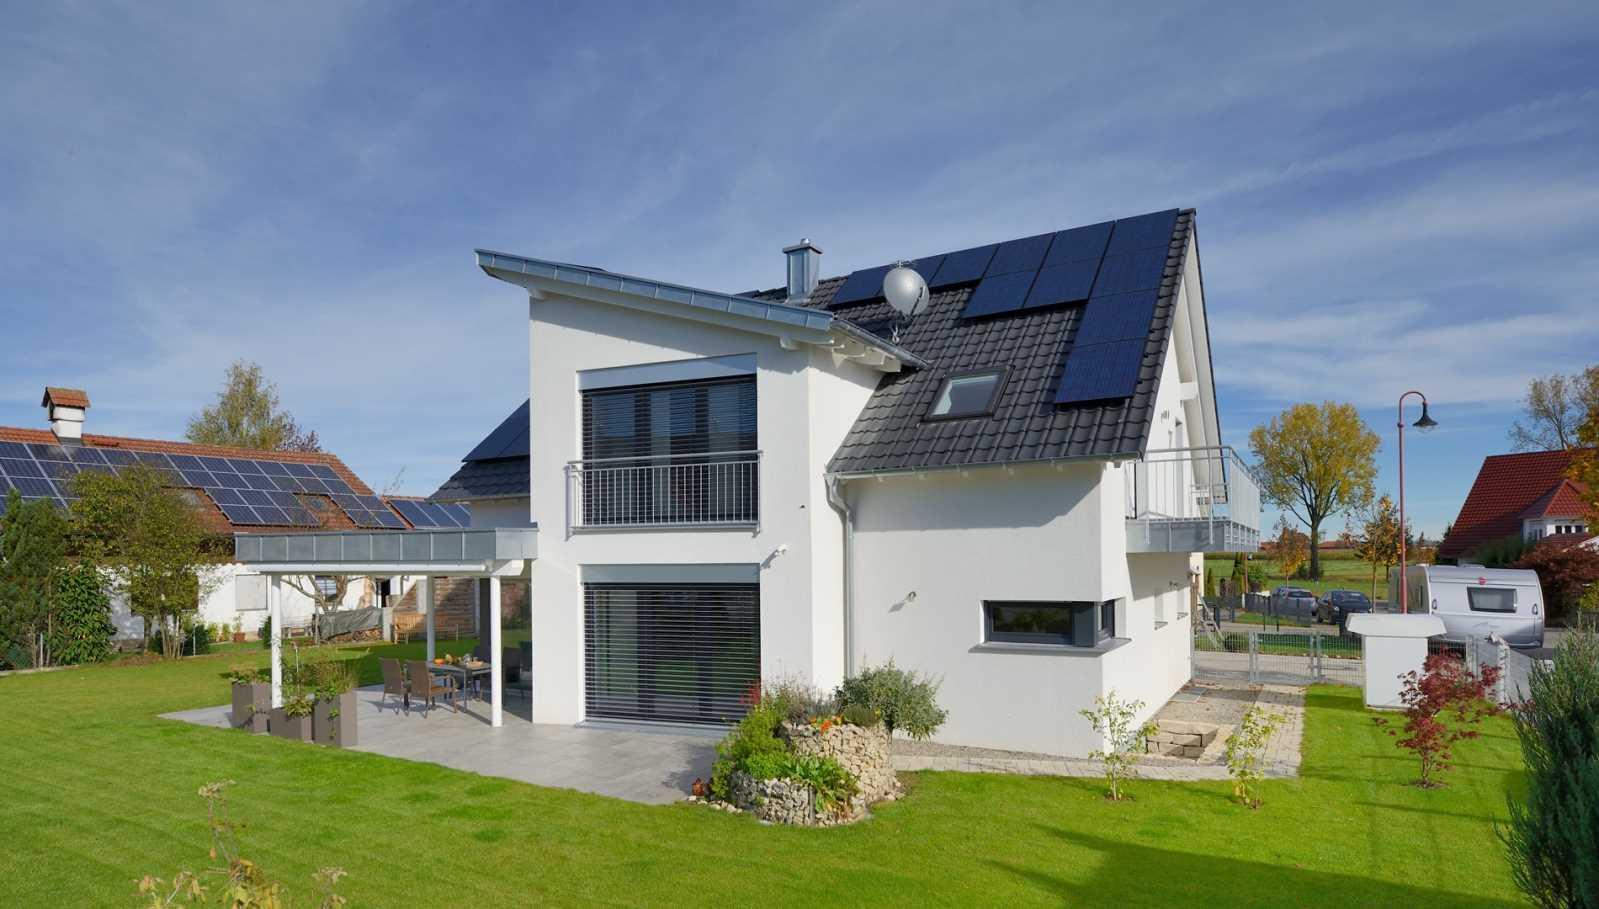 新能源系列 途墅之家别墅图纸设计, 新兴能源房 乡村风 高效w007